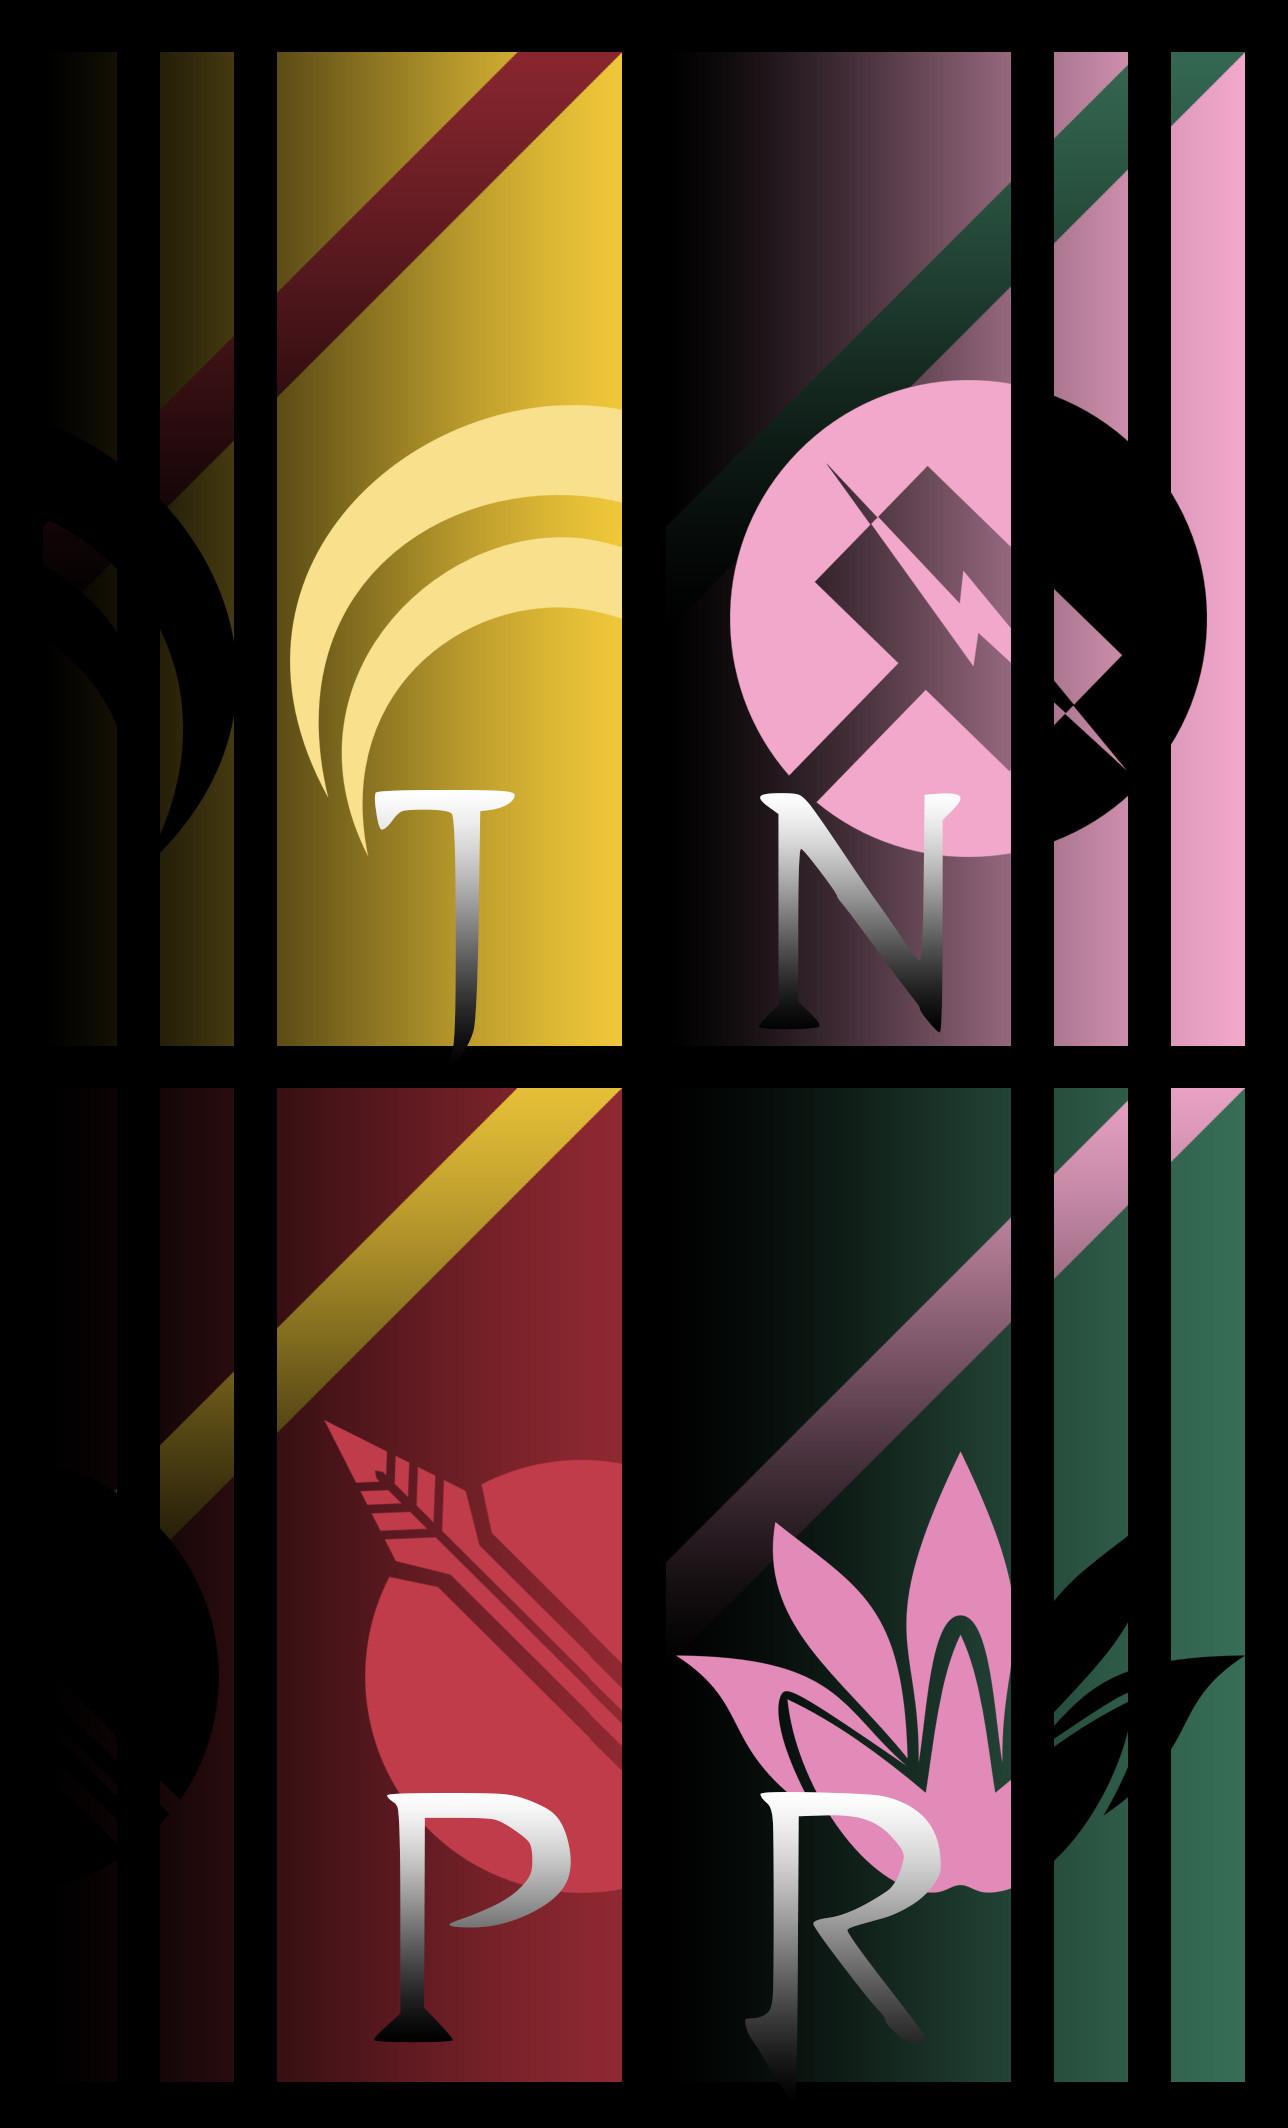 … Rwby: Team JNPR Wallpaper by Emperial-Dawn